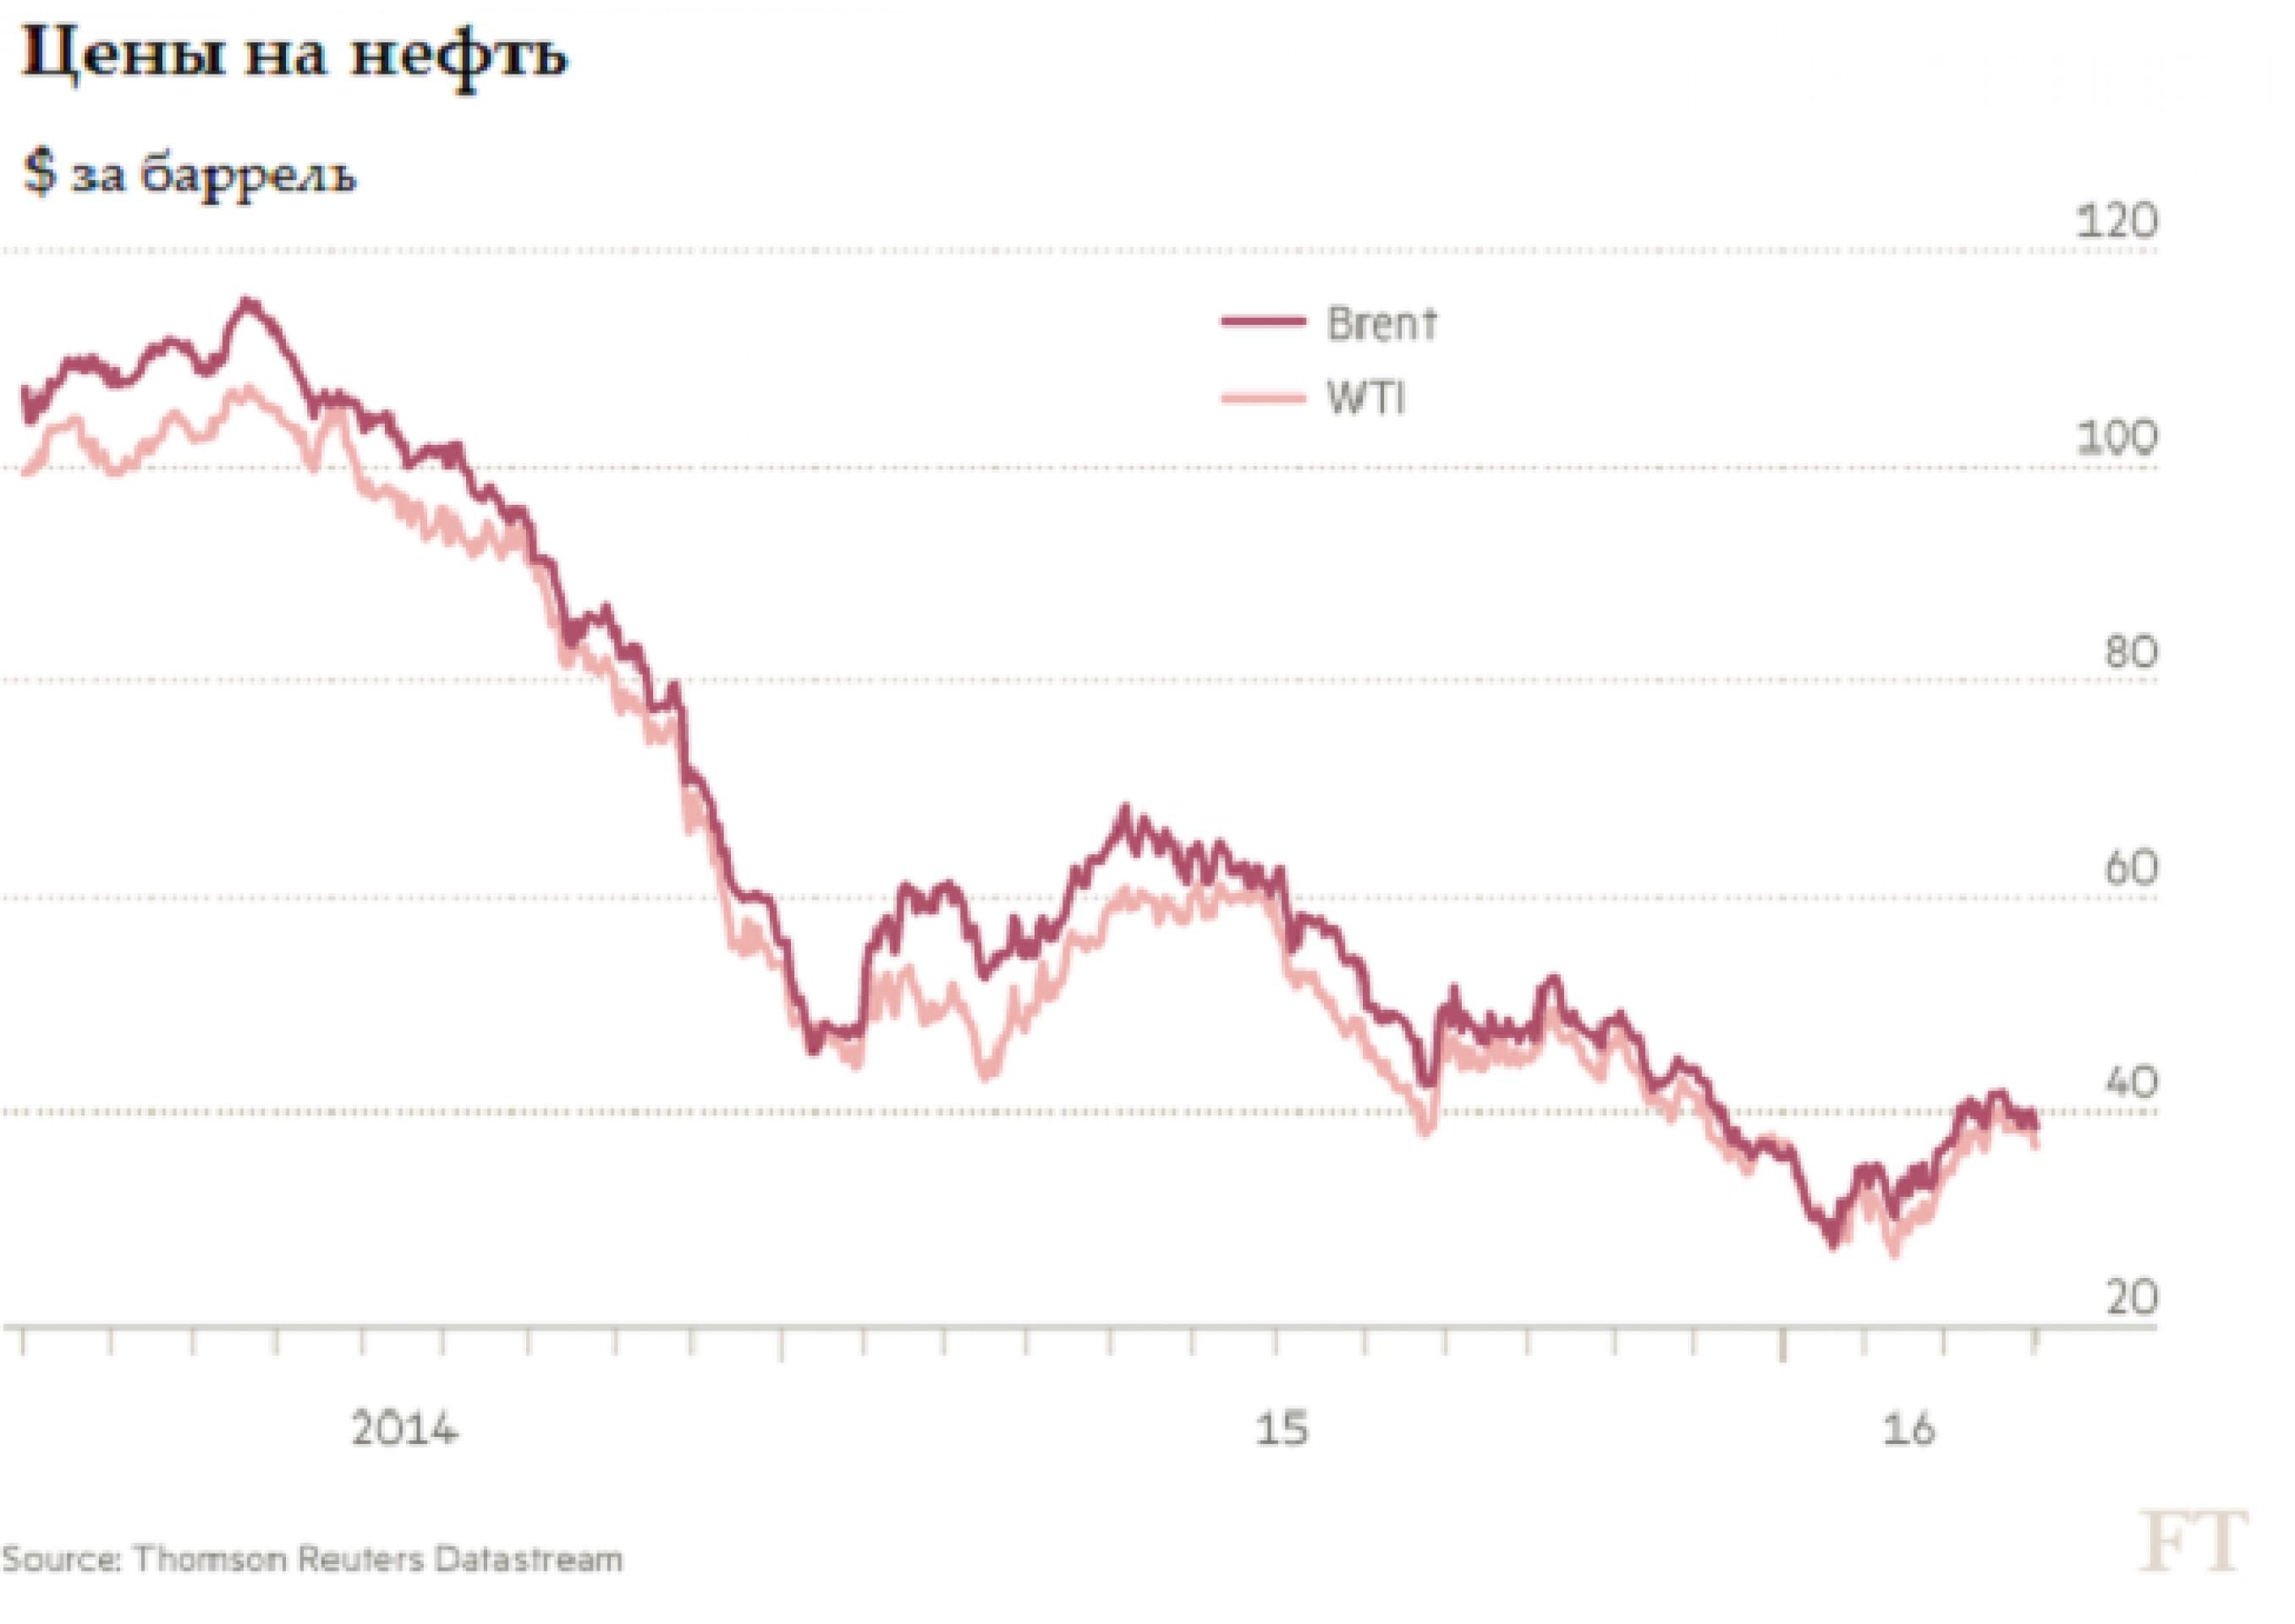 5 факторов, влияющих на цены на нефть